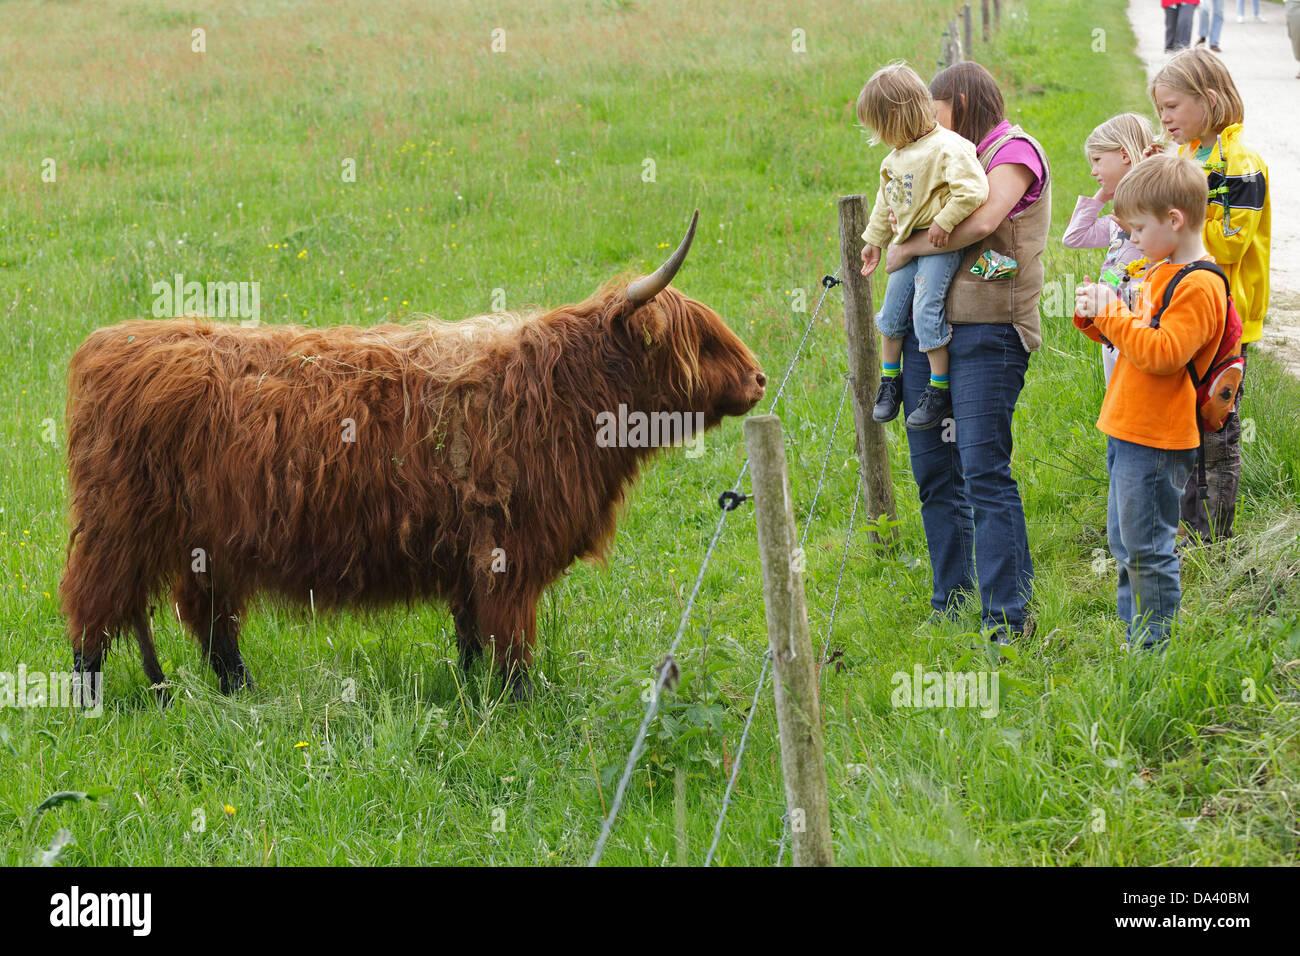 family looking at Highland Cattle, Haithabu, Schlei, Schleswig-Holstein, Germany - Stock Image